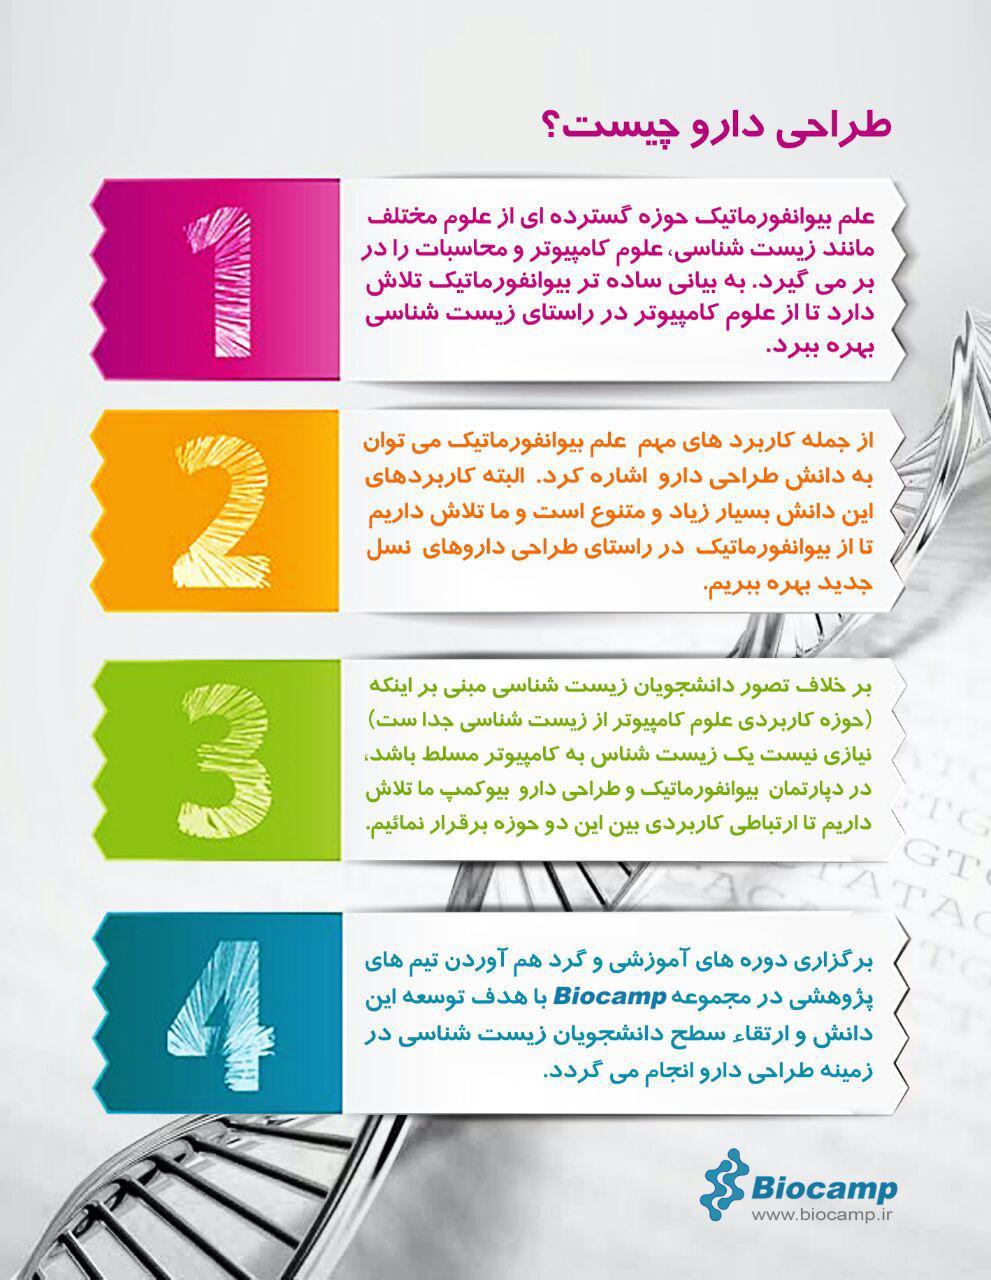 اینفوگرافی طراحی دارو چیست طراحی دارو اینفوگرافی طراحی دارو چیست؟ photo 2016 07 28 19 56 30